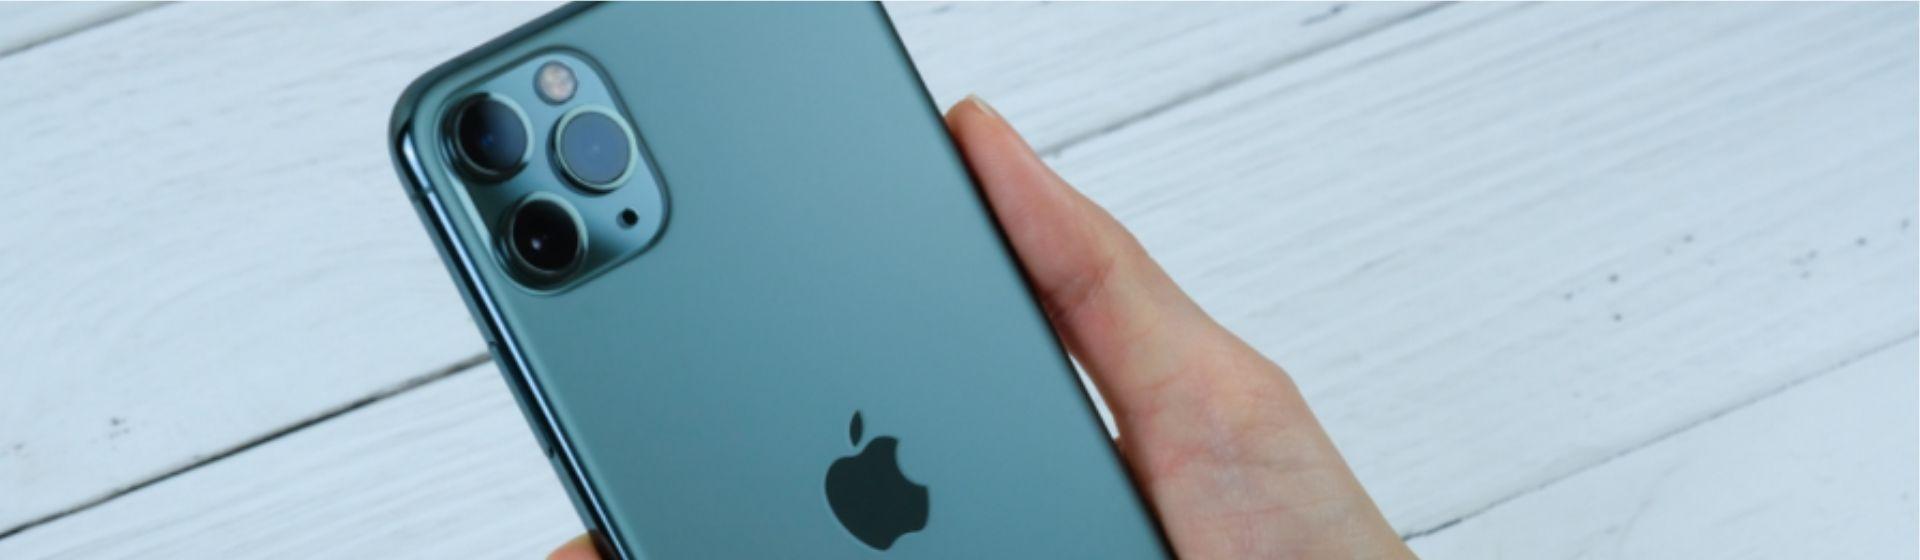 Como saber se o iPhone é original?